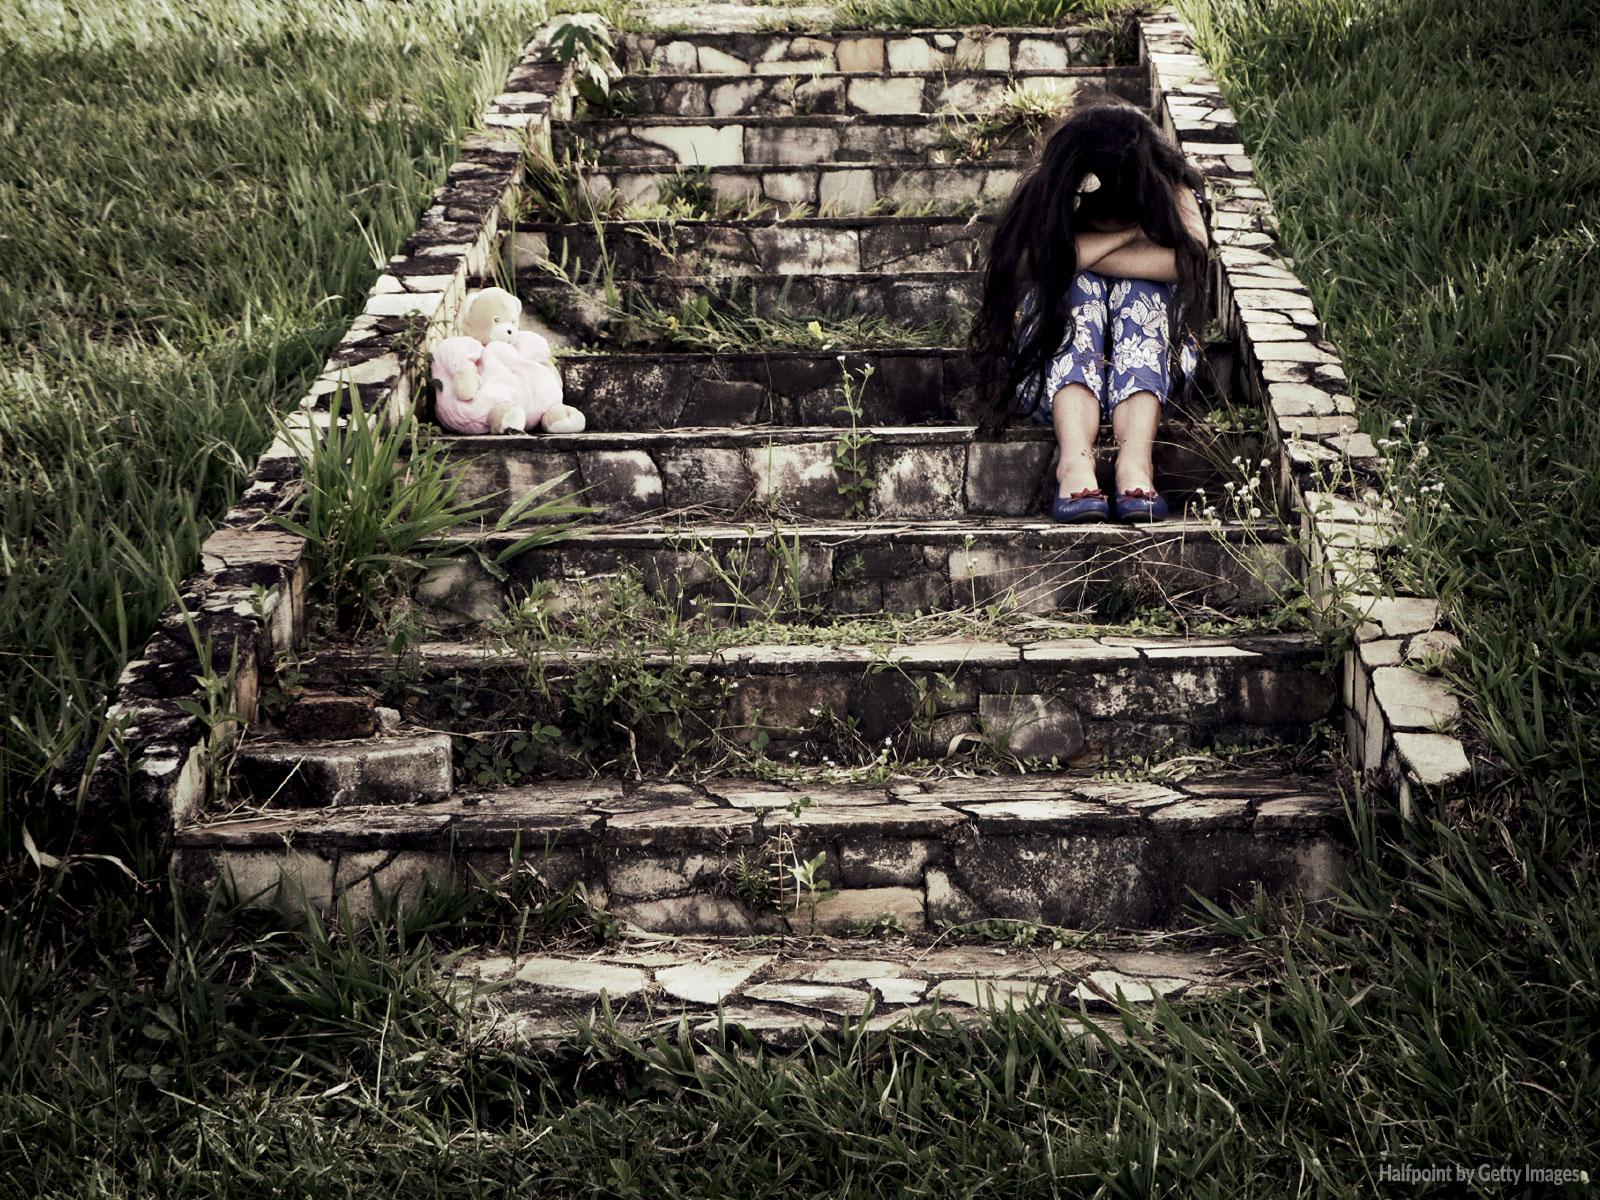 Violência infantil: saiba quais são os tipos e consequências